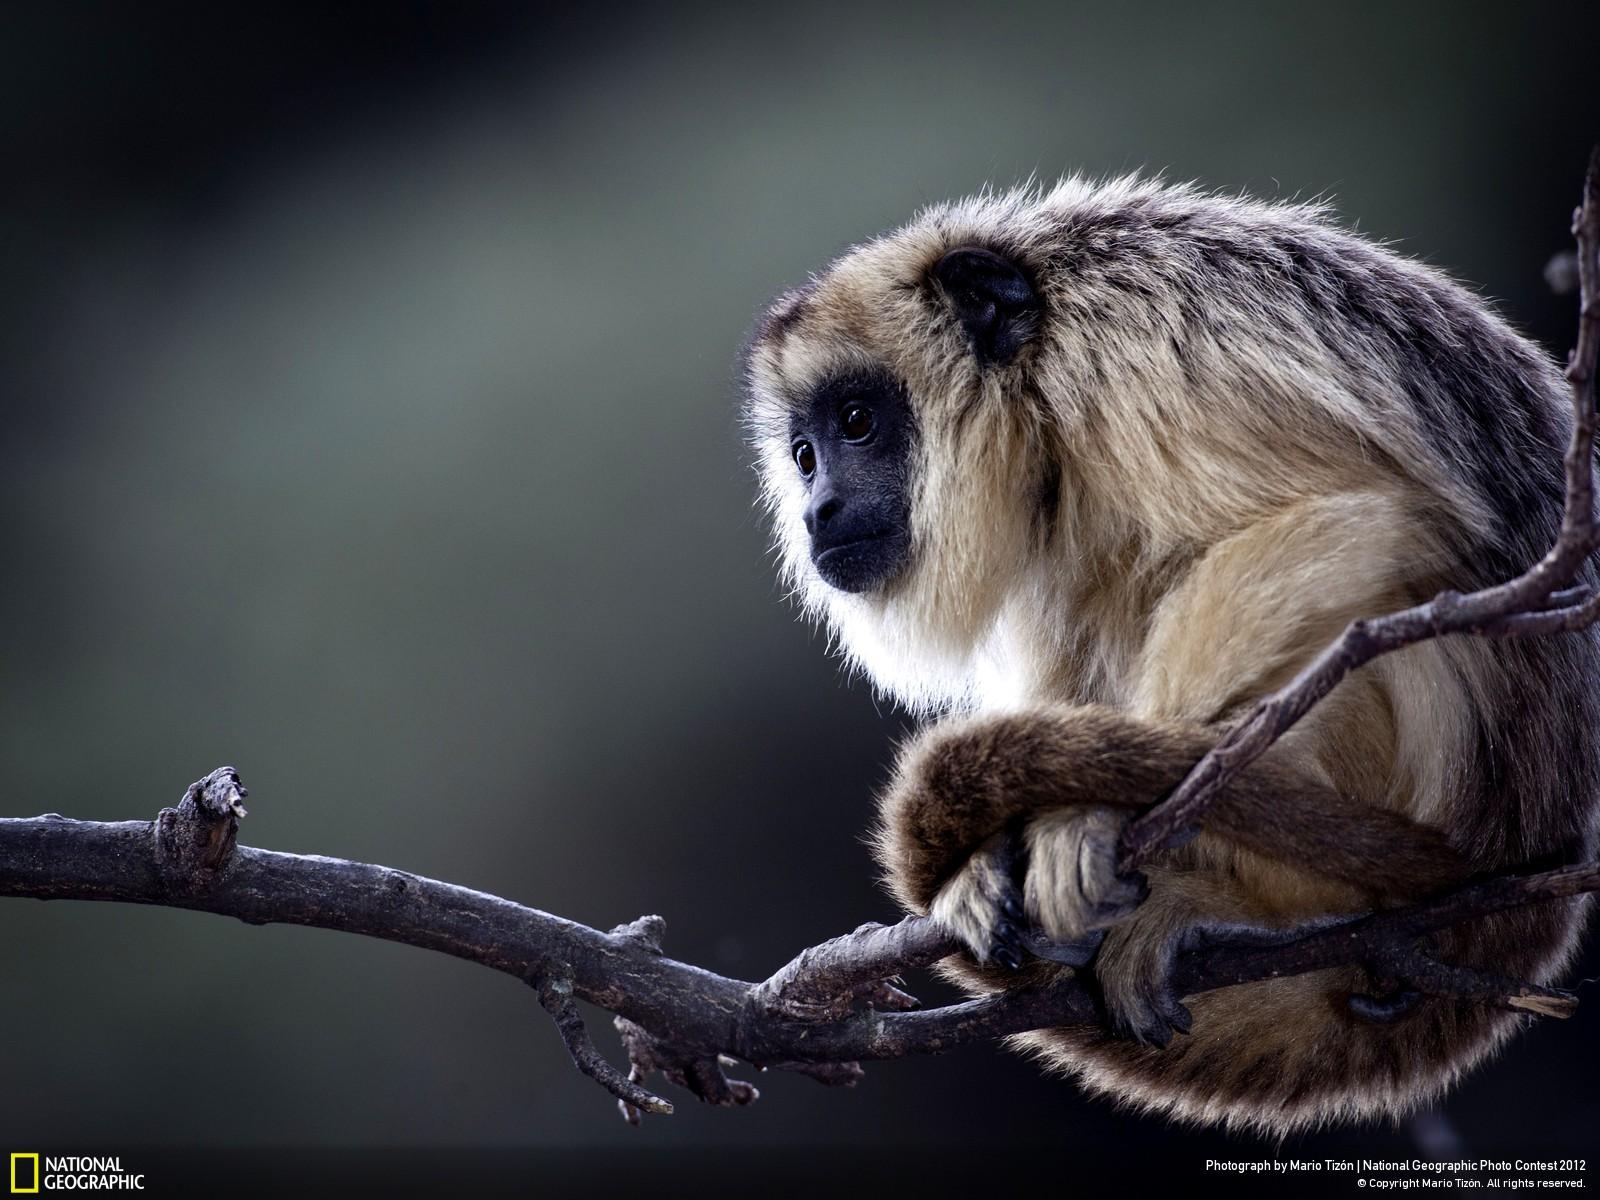 25 Лучшие фотографии за 2012 год по версии National Geographic